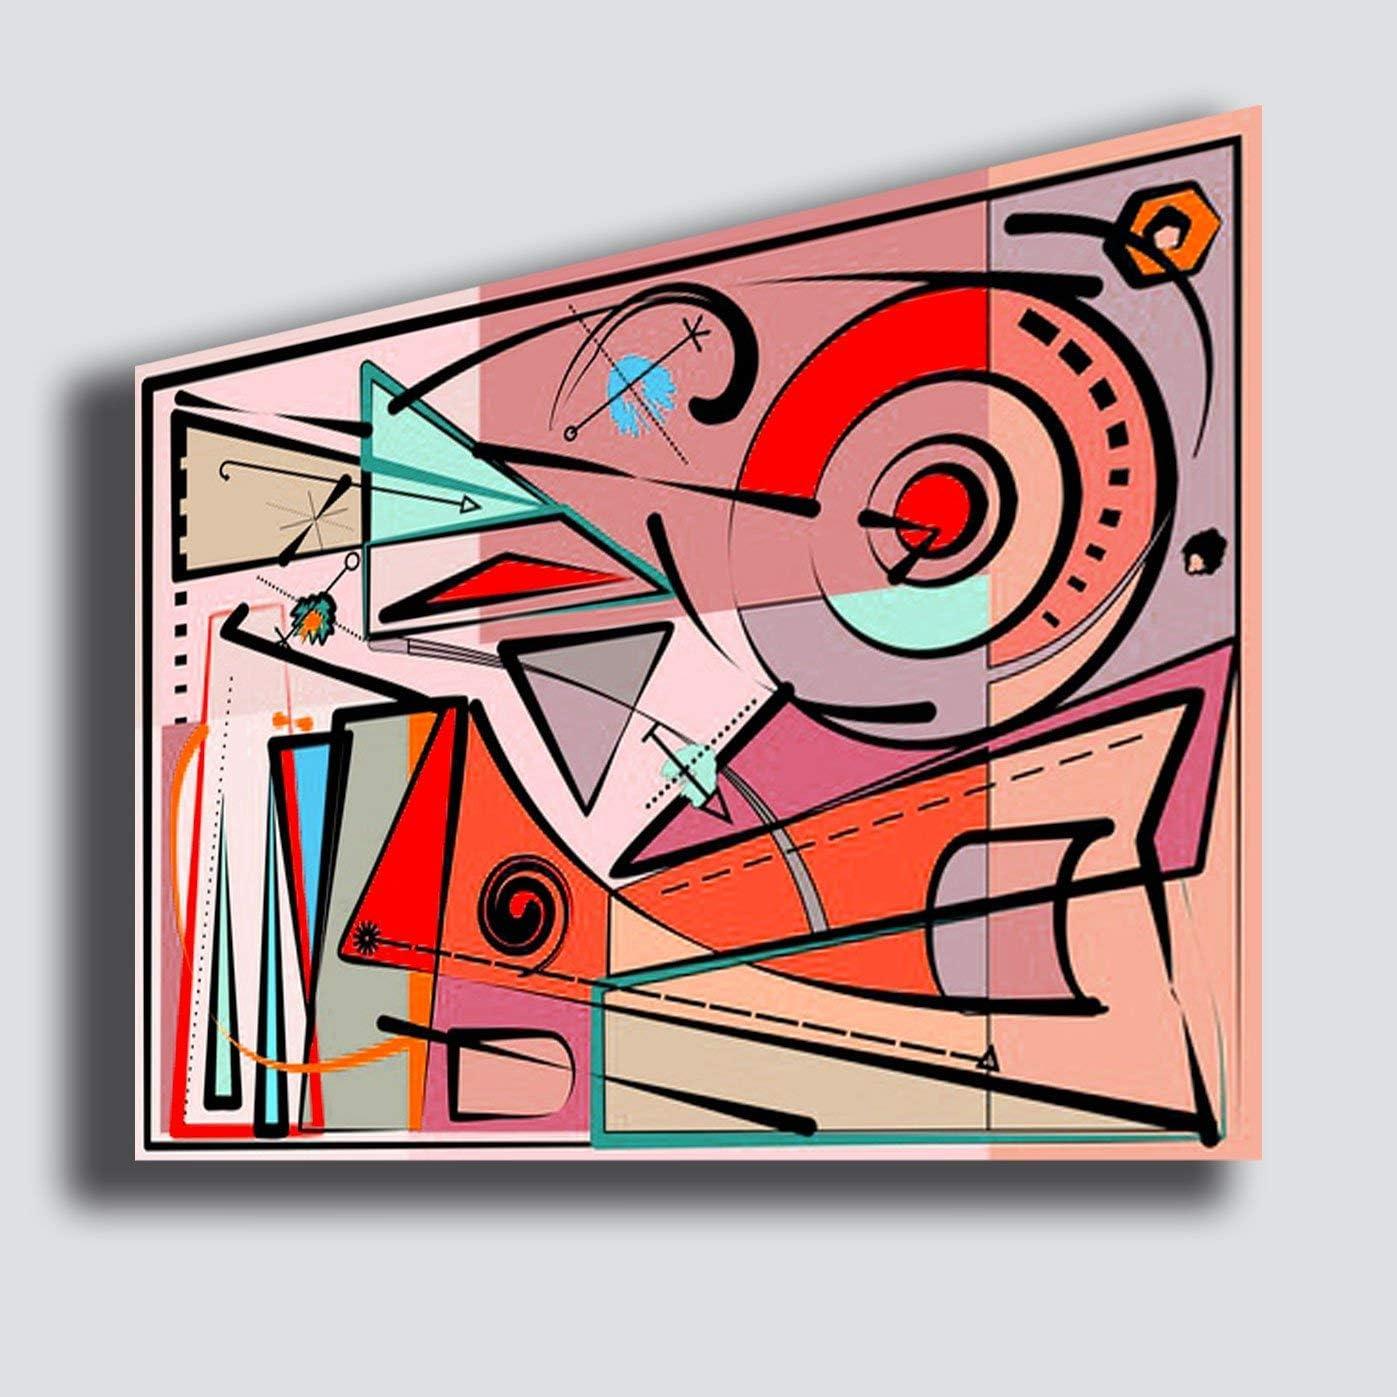 Cuadro Moderno Kandinsky Estilo 50 x 70 cm Composición roja Abstracta - Reparación impresión sobre Lienzo Dormitorio Lienzo Grande Cuadros Modernos Arte Abstracto Cocina salón